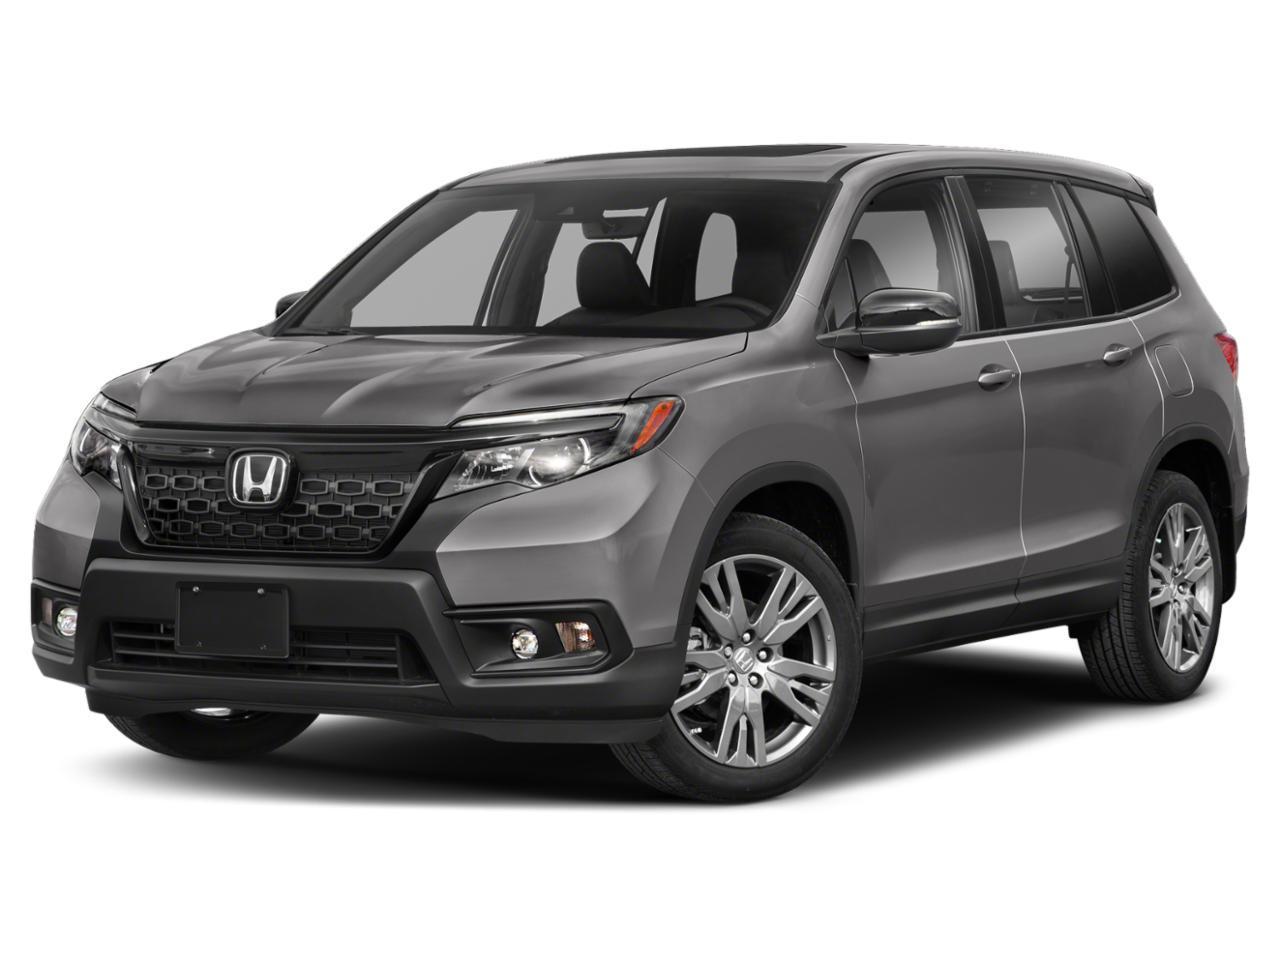 2021 Honda Passport Vehicle Photo in Oshkosh, WI 54904